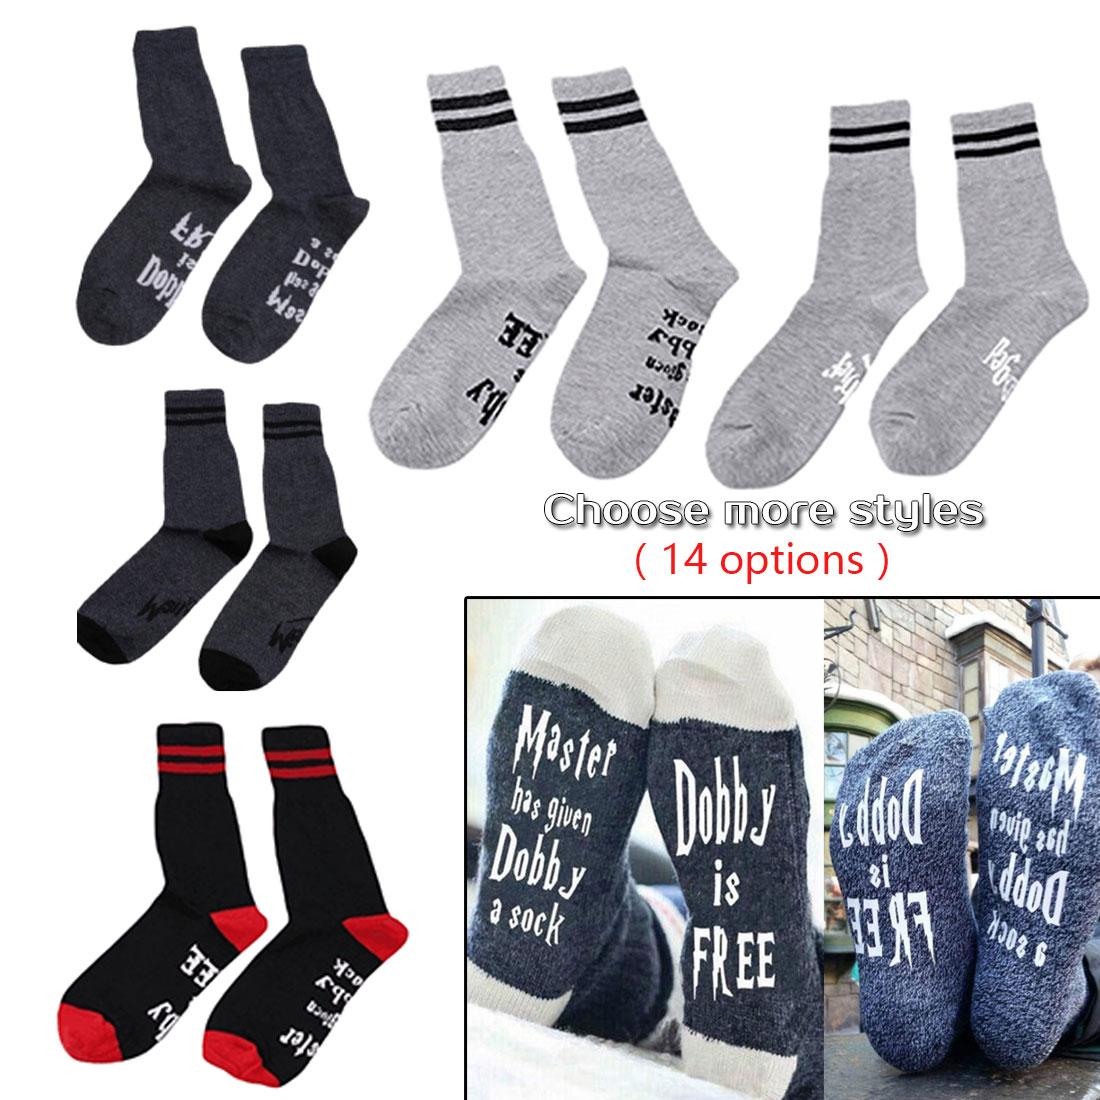 2019 New Arrival Chaussette Femme Winter Warmly Meias Happy Socks Women Wine Socks Print Letter Cute Autumn Spring Funny Socks in Socks from Underwear Sleepwears